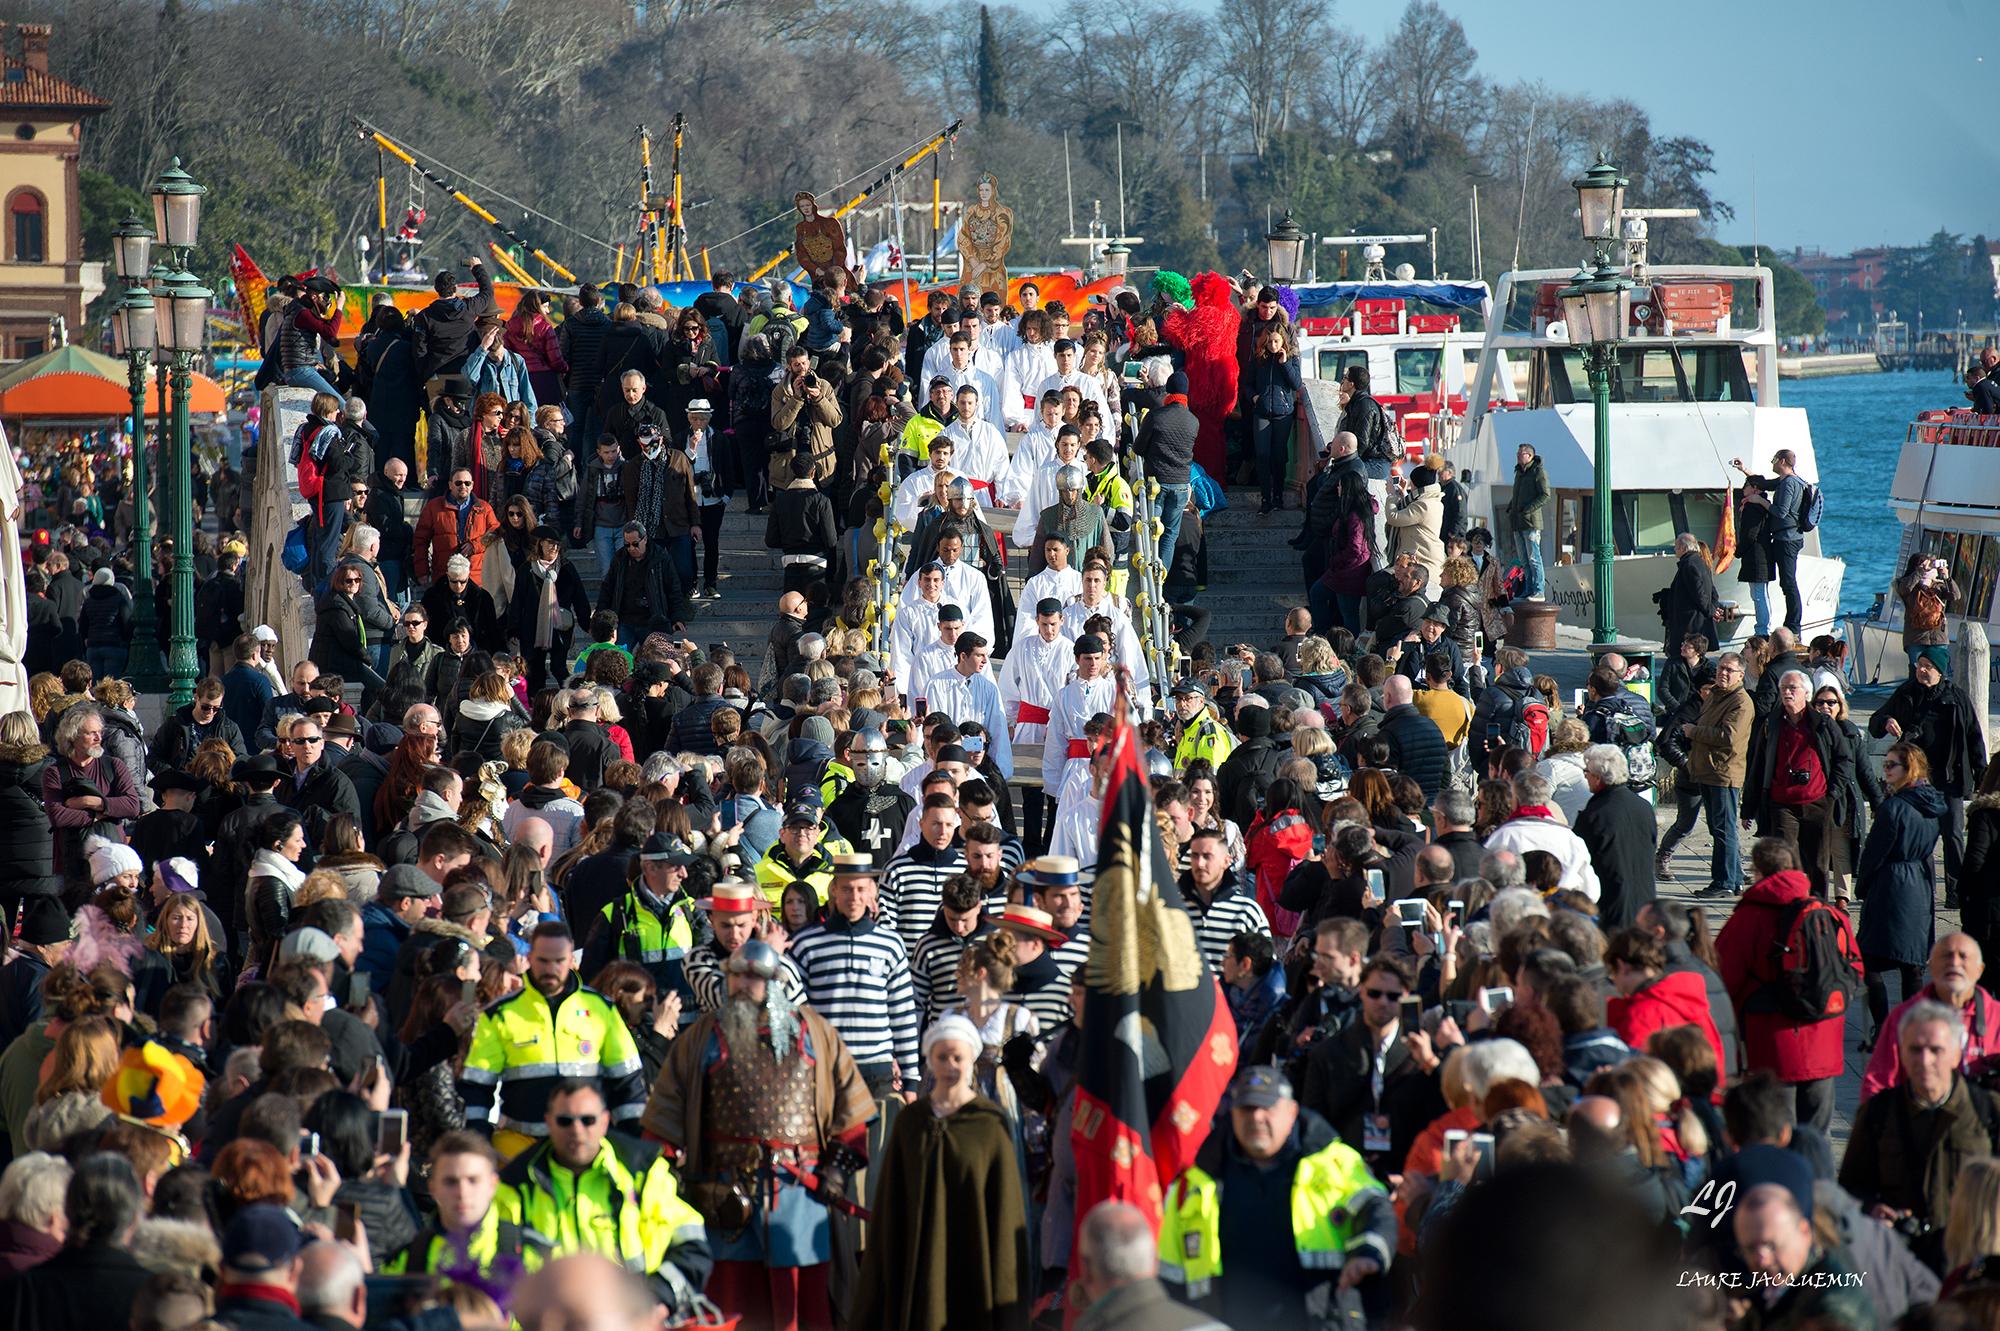 Meilleur photos Carnaval de Venise 2018 laure jacquemin (79)